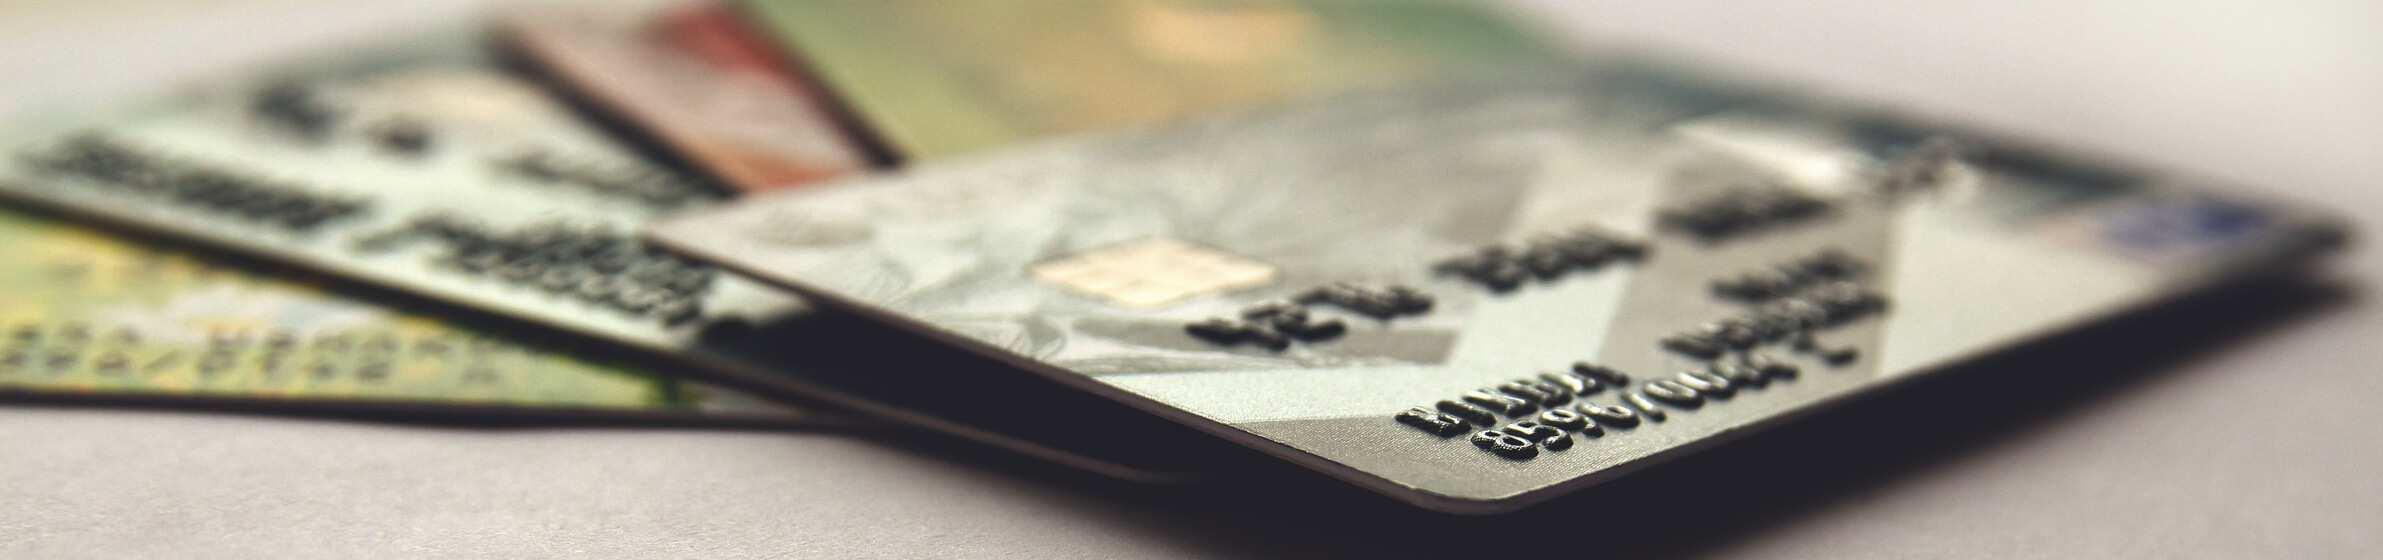 Cash Card Das Sollten Sie Beachten Ratgeber Tipps